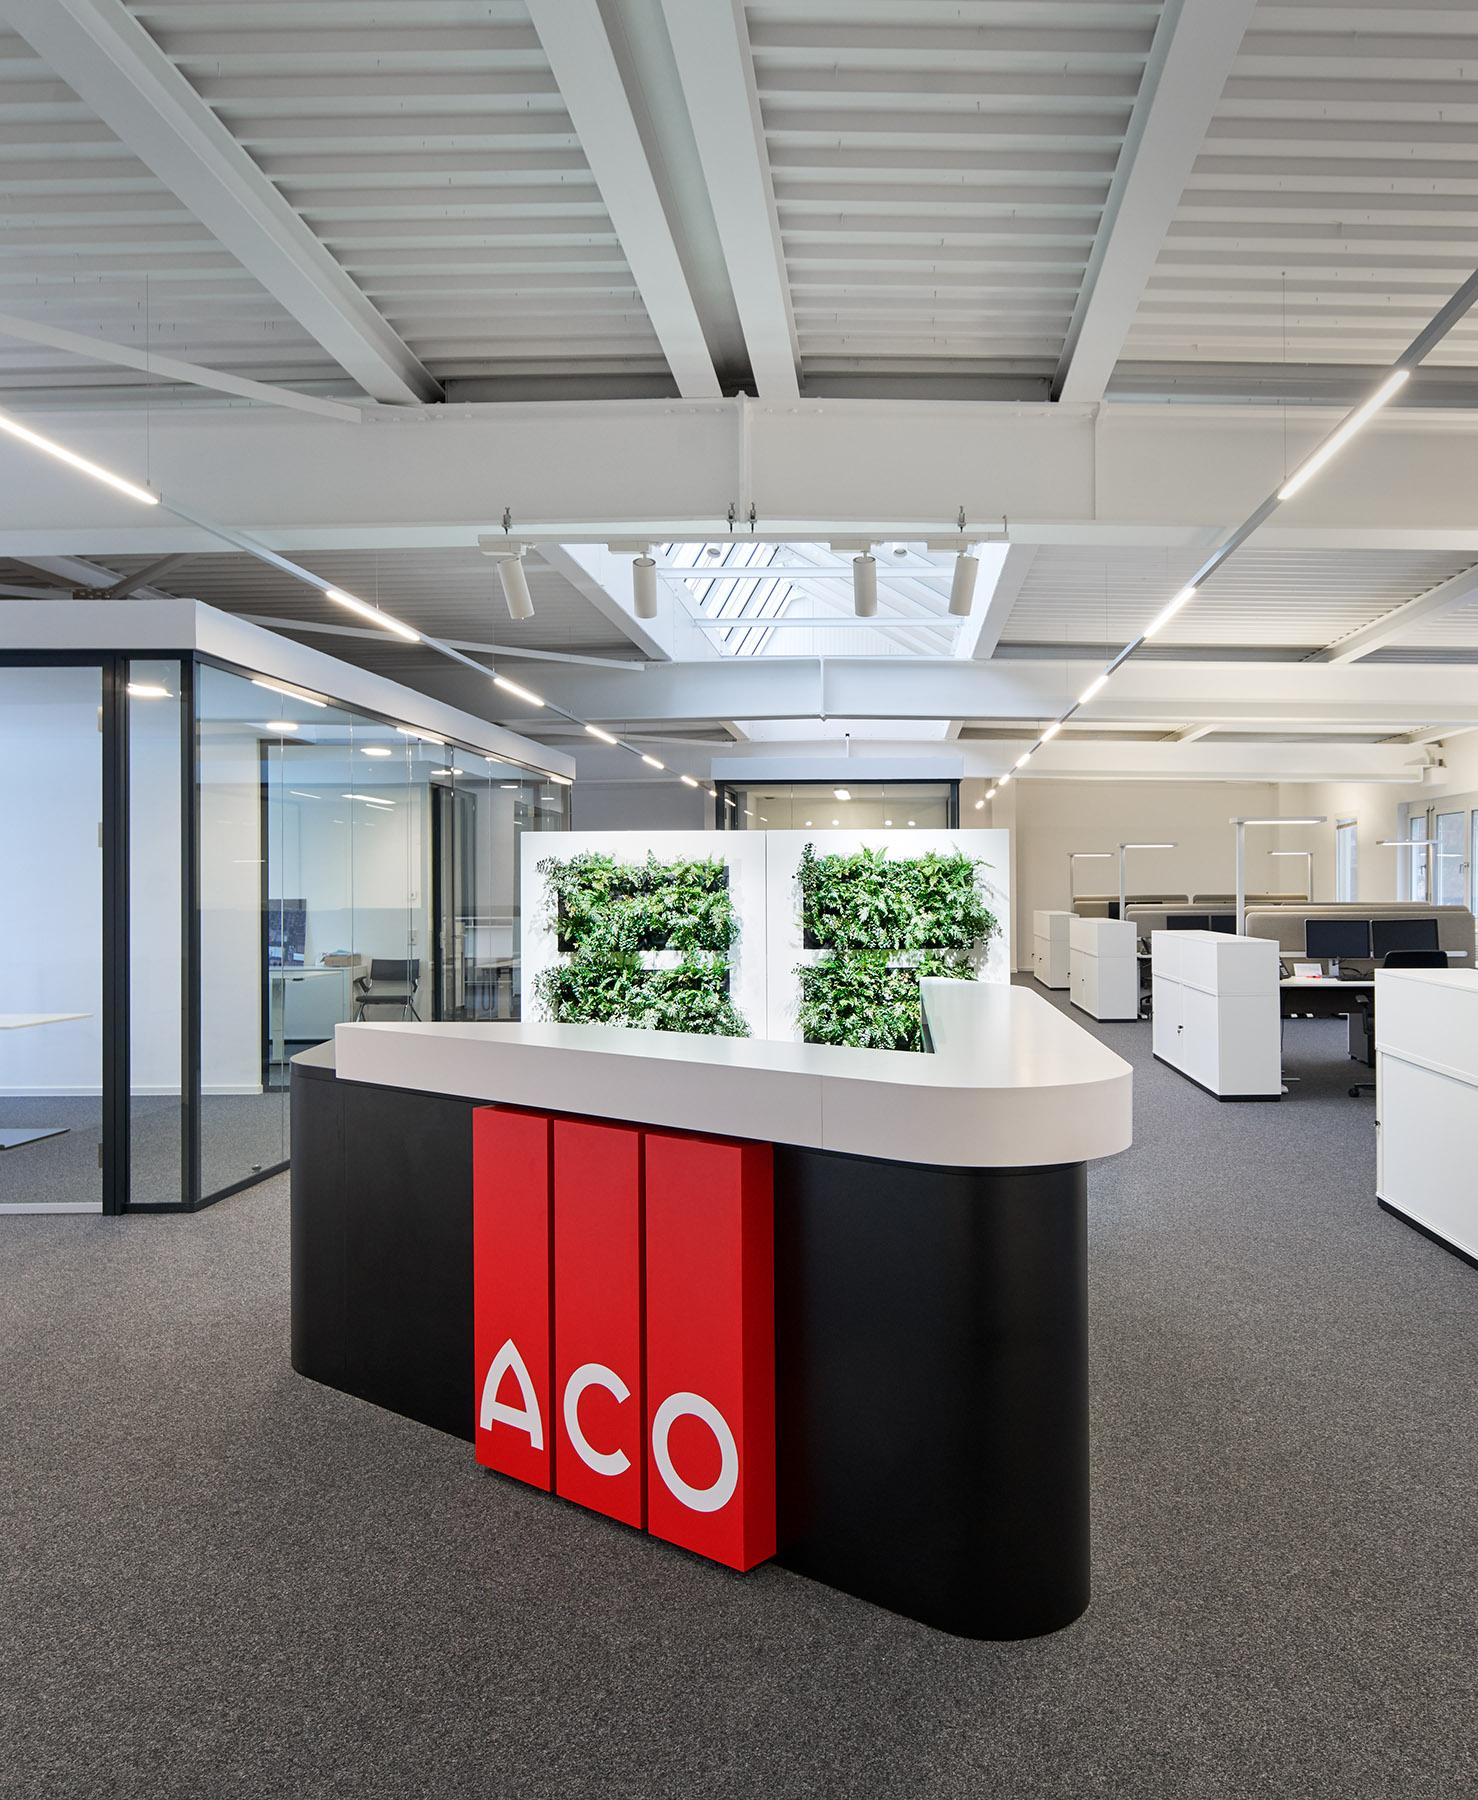 Interieuraufnahmen eines modernisierten Großraumbüros der ACO Passavant GmbH in Phillipsthal // Entwurf: hks architekten, Erfurt